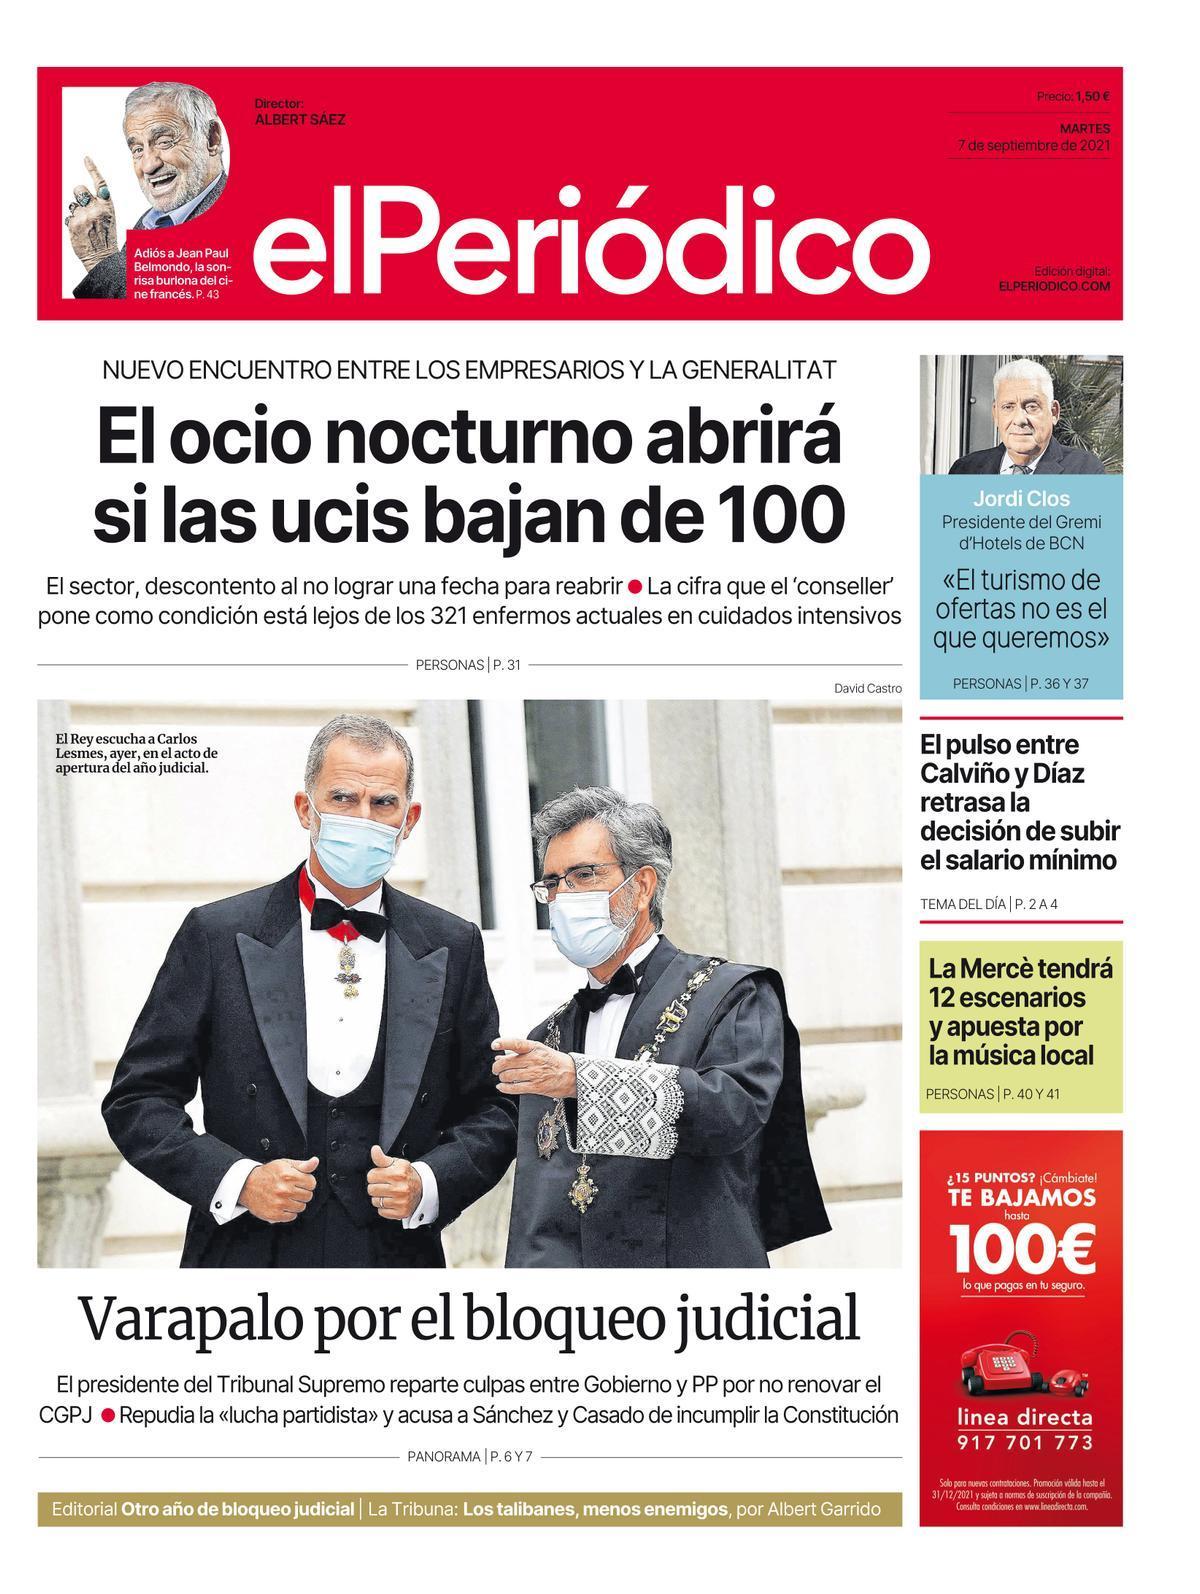 La portada de EL PERIÓDICO del 7 de septiembre del 2021